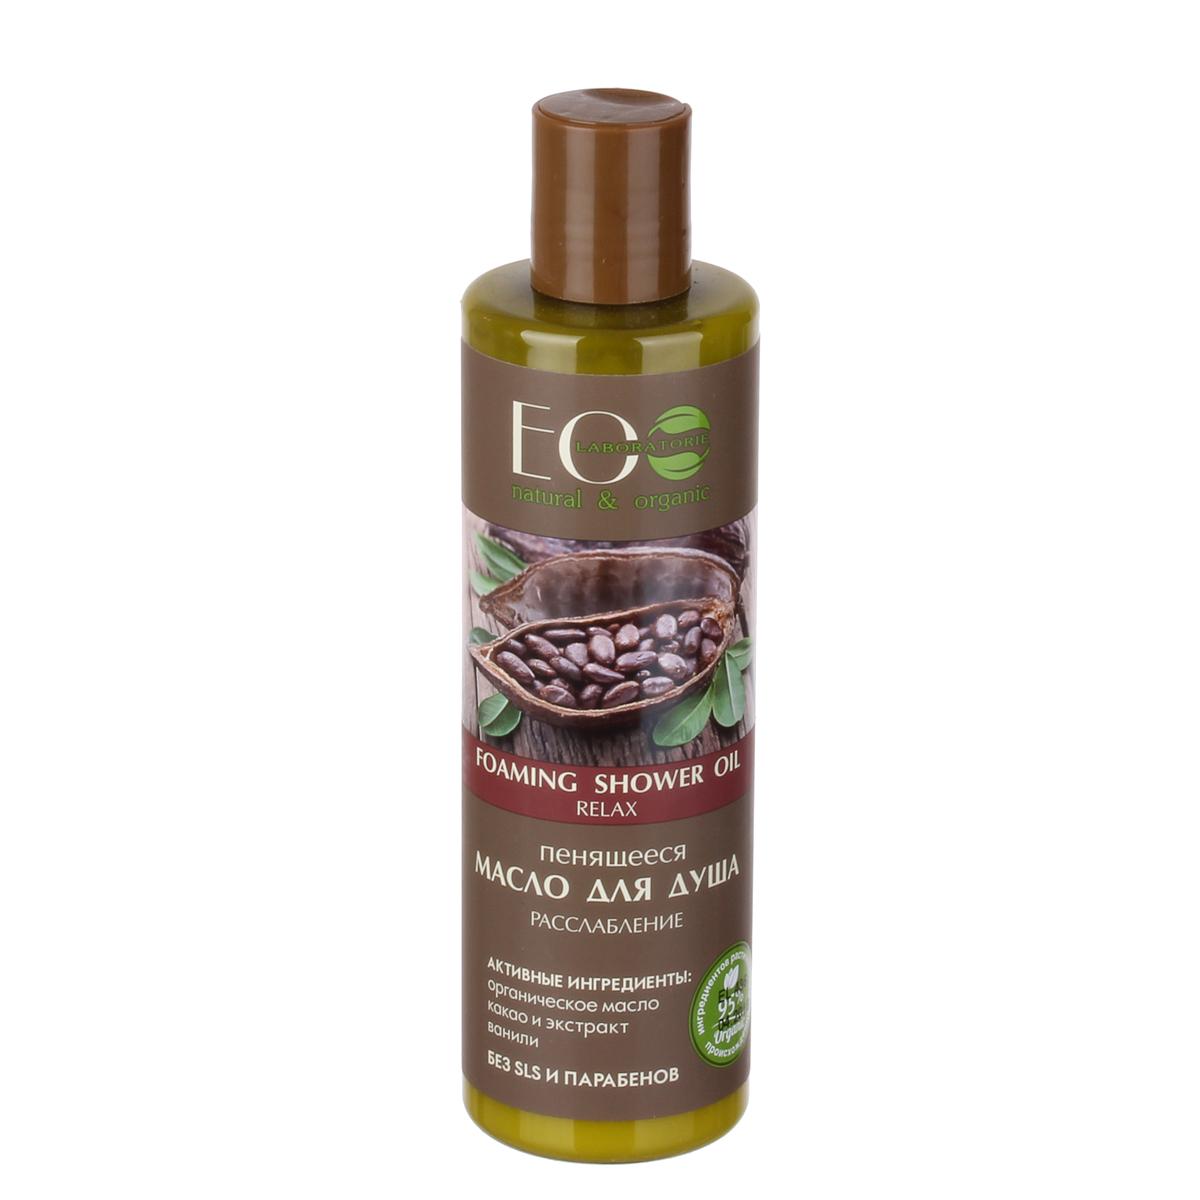 EcoLab ЭкоЛаб Масло пенящееся для душа Расслабление 250 млFS-00897Глубоко очищает, интенсивно питает кожу, способствует снятию напряжения. Повышает эластичность, мягкость кожи, способствует расслаблению. Рекомендуется для релакс-процедур.Активные ингредиенты: масло какао и экстракт ванили